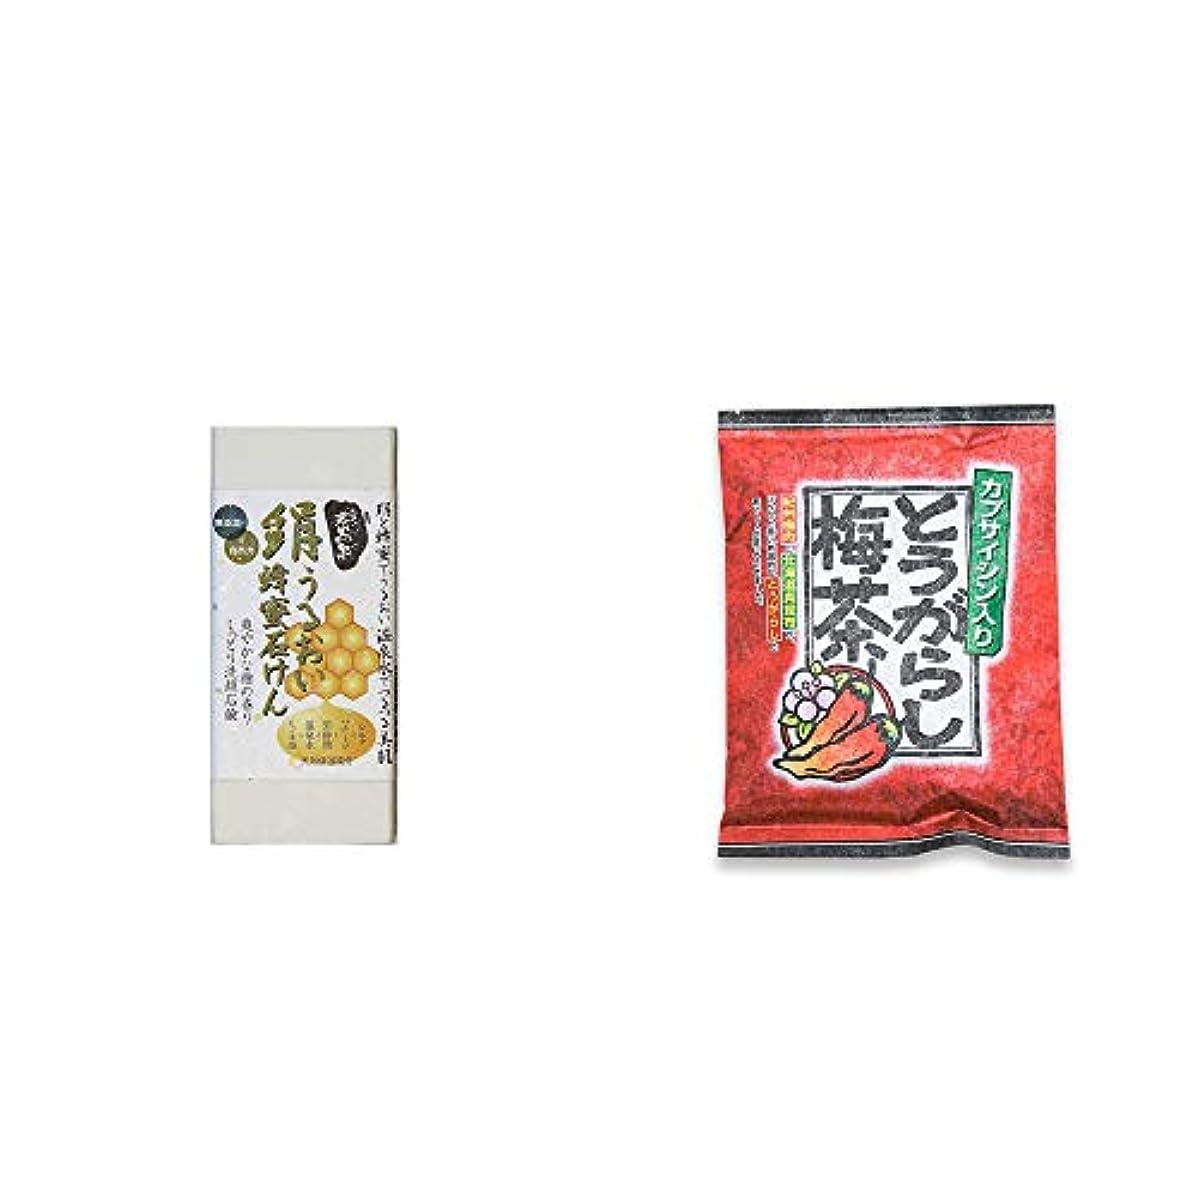 交通排気もちろん[2点セット] ひのき炭黒泉 絹うるおい蜂蜜石けん(75g×2)?とうがらし梅茶(24袋)